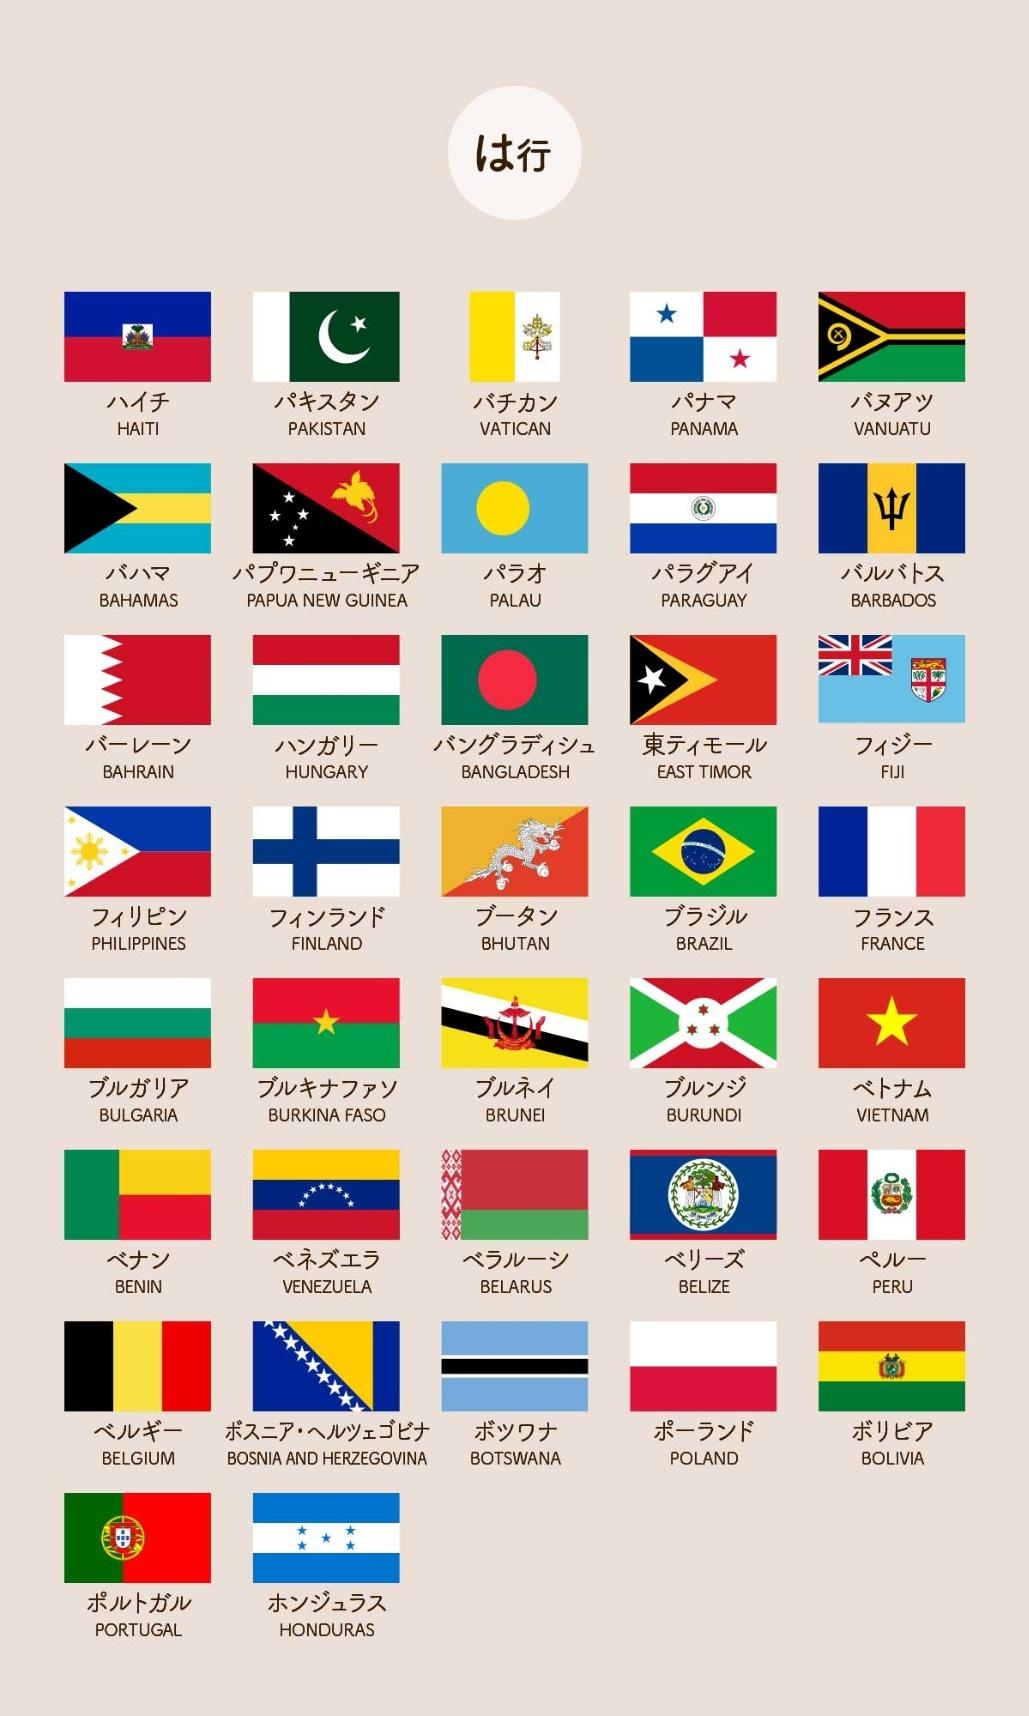 は行の国旗一覧 / ハイチ HAITI / パキスタン PAKISTAN / バチカン VATICAN / パナマ PANAMA / バヌアツ VANUATU / バハマ BAHAMAS / パプワニューギニア PAPUA NEW GUINEA / パラオ PALAU / パラグアイ PARAGUAY / バルバトス BARBADOS / バーレーン BAHRAIN / ハンガリー HUNGARY / バングラディシュ BANGLADESH / 東ティモール EAST TIMOR / フィジー FIJI